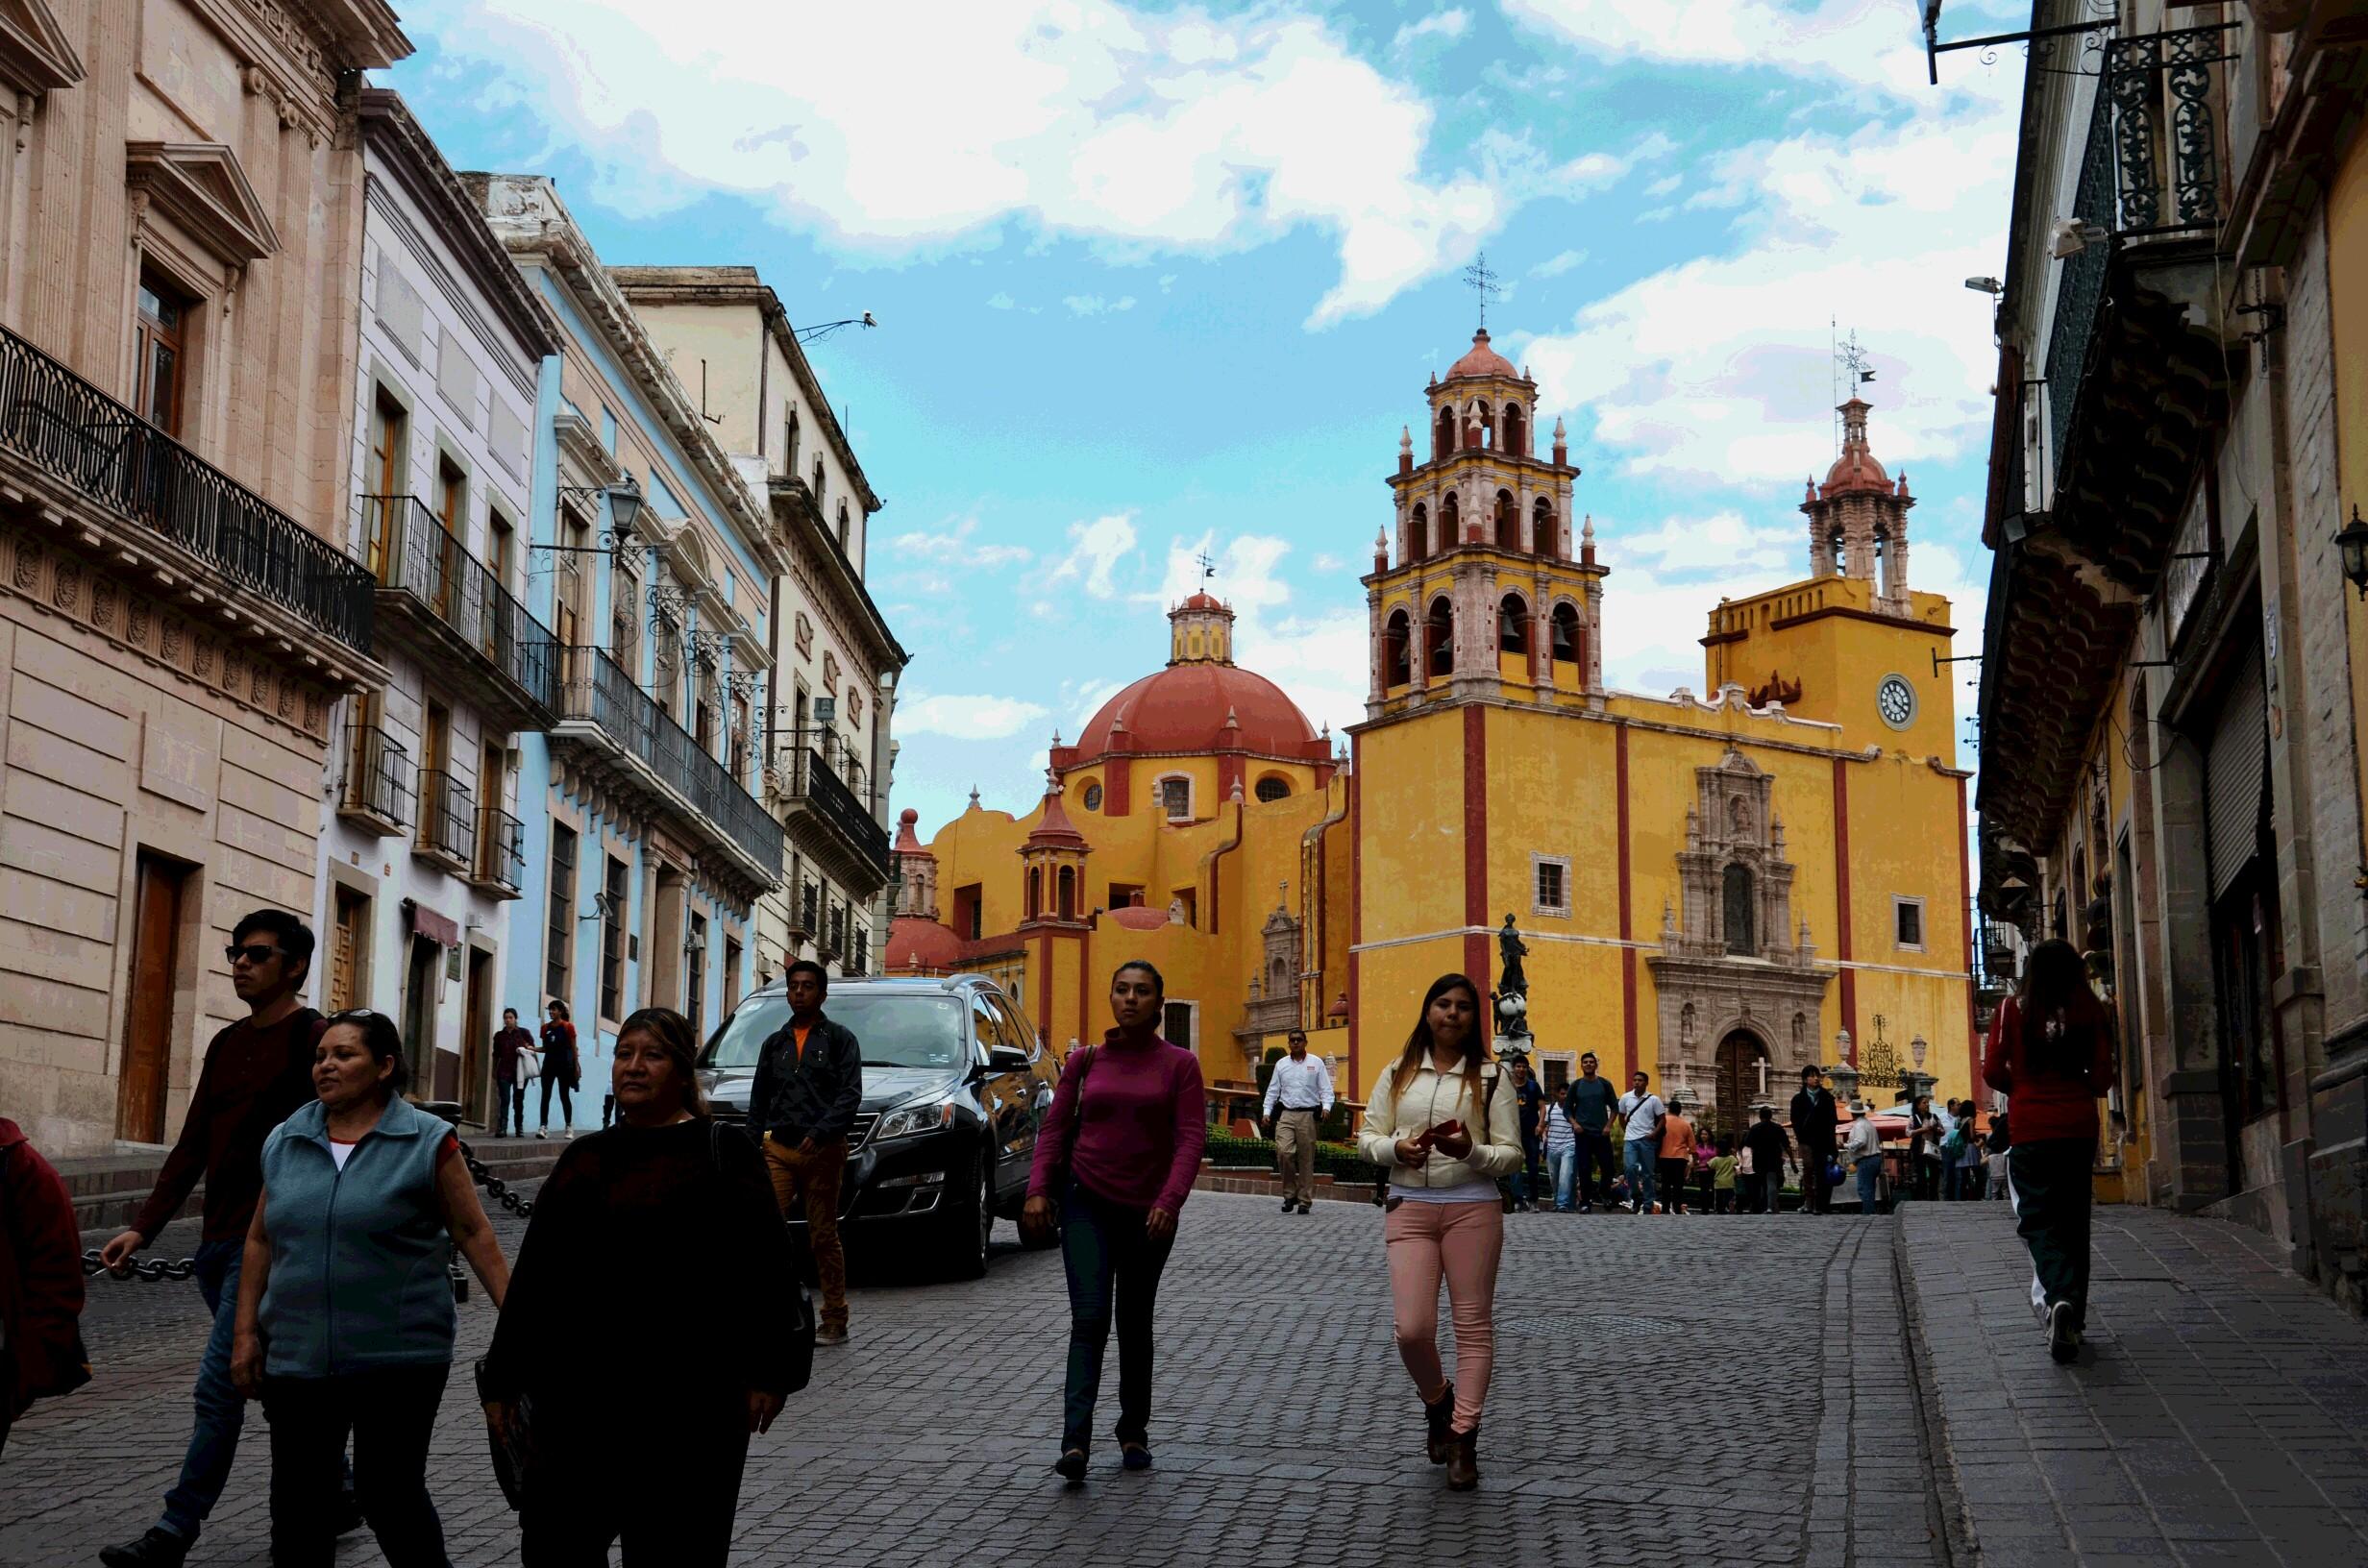 日系企業の渡航需要が高まるメキシコ・グアナファト州、現地のビジネス投資と観光事情を取材した